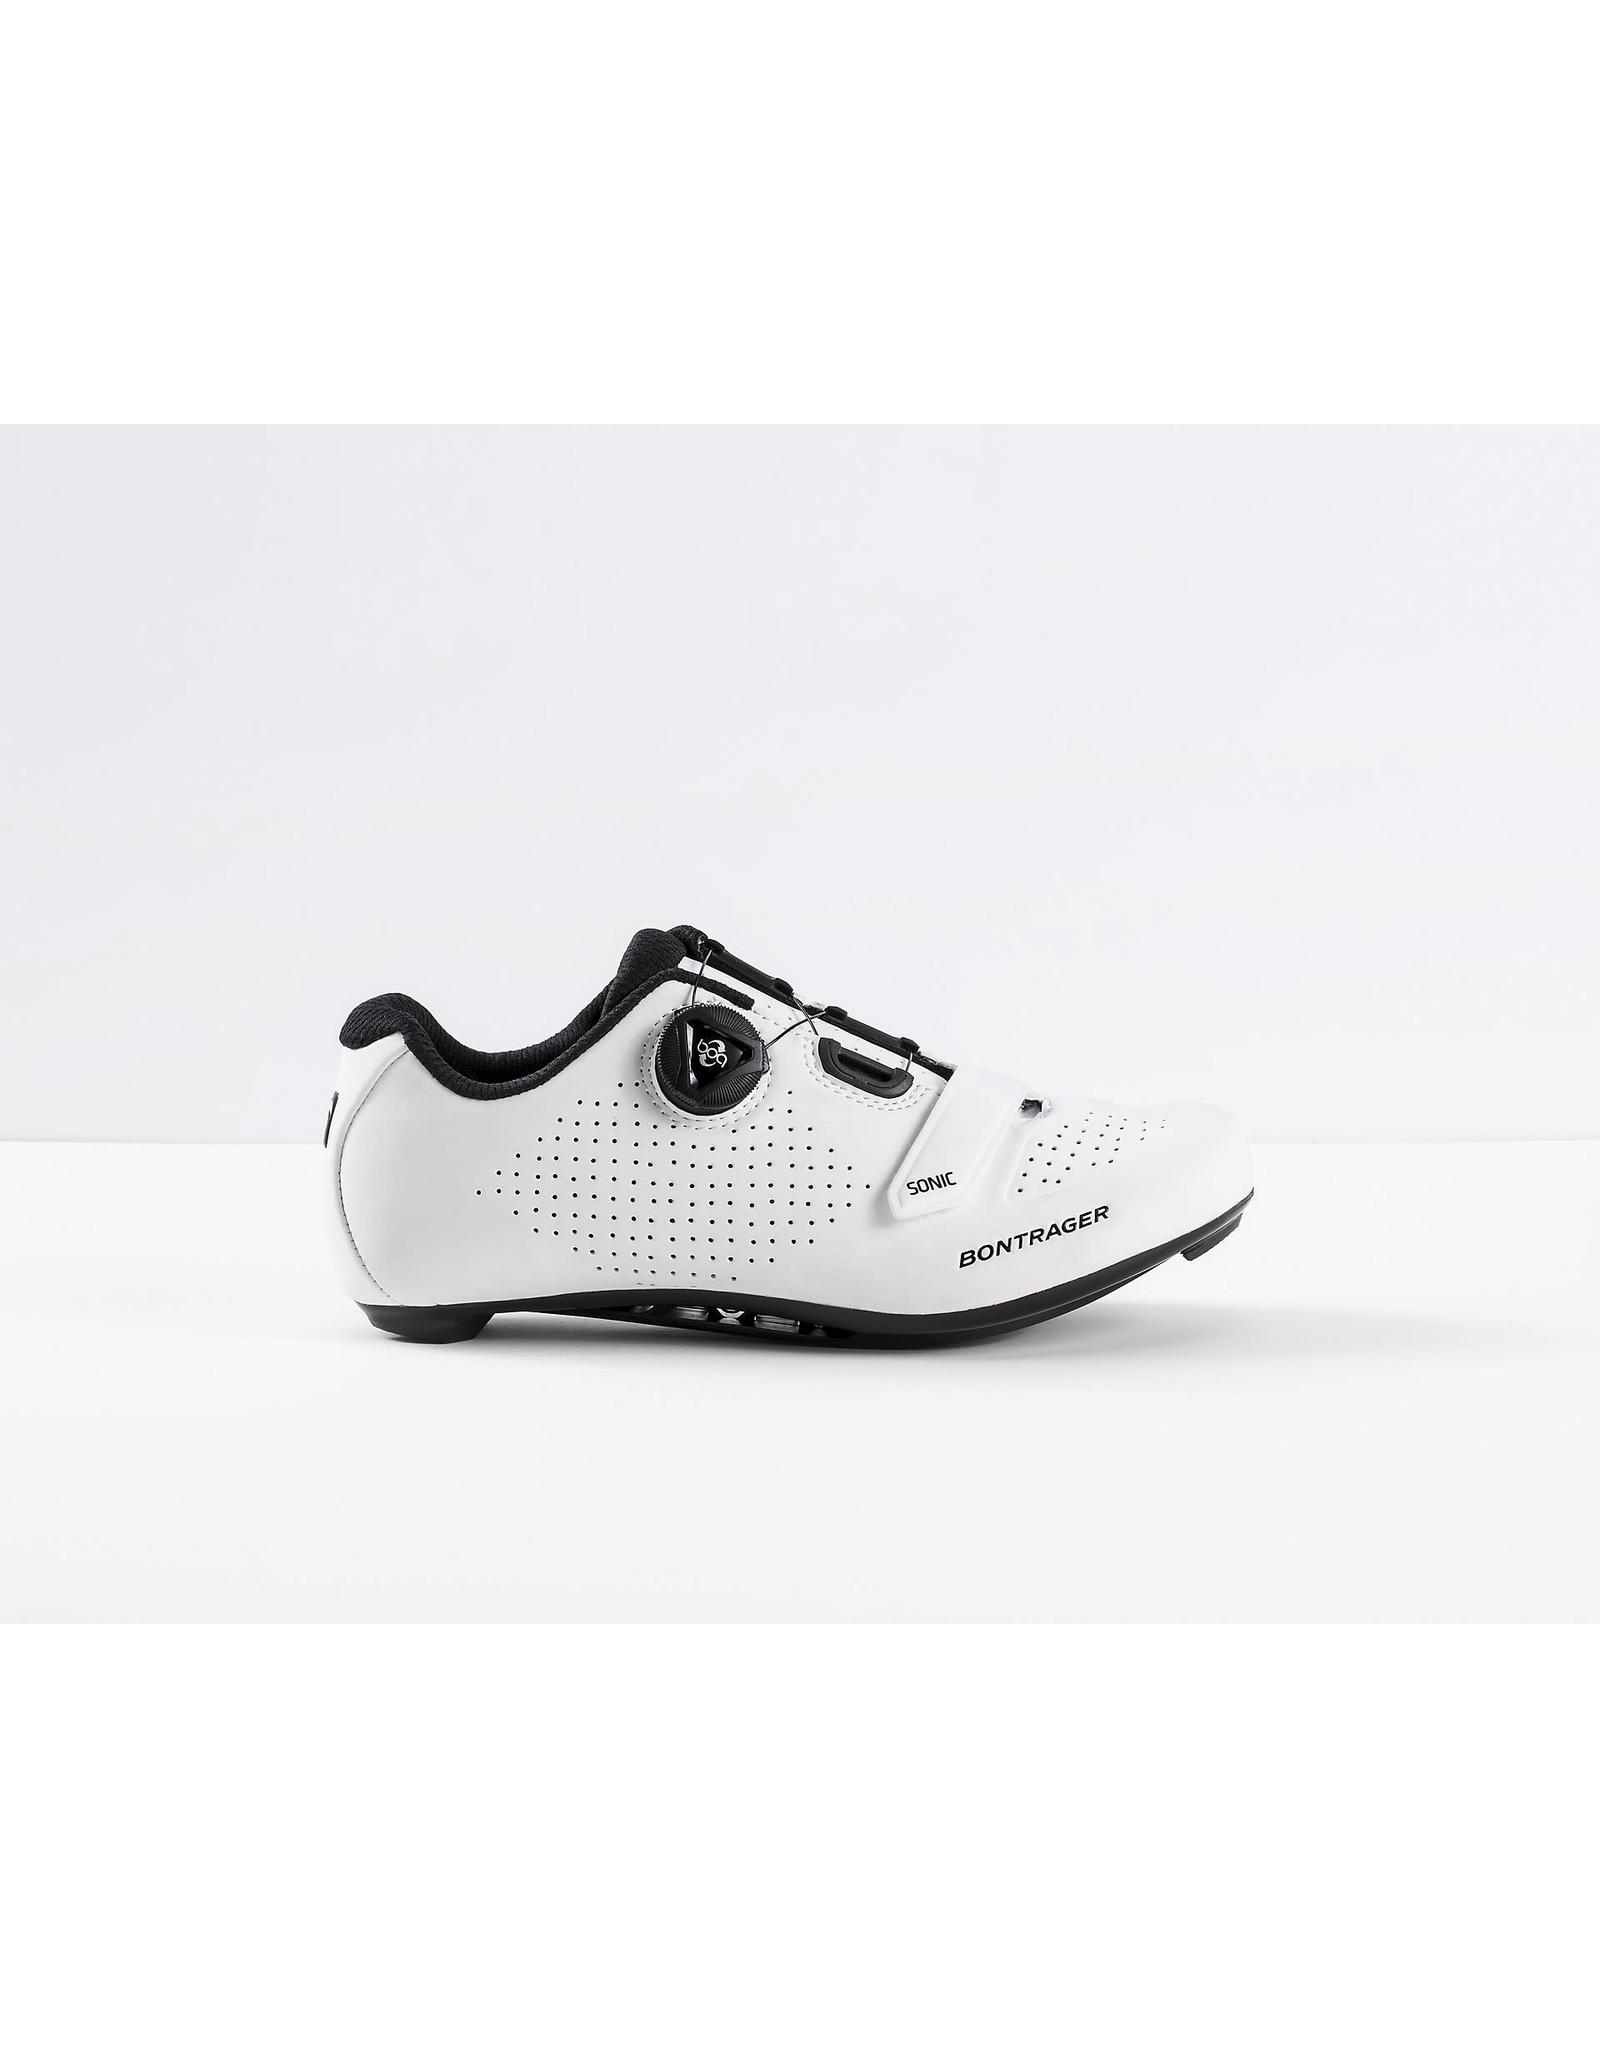 Bontrager Chaussures vélo route Bontrager Sonic pour femmes